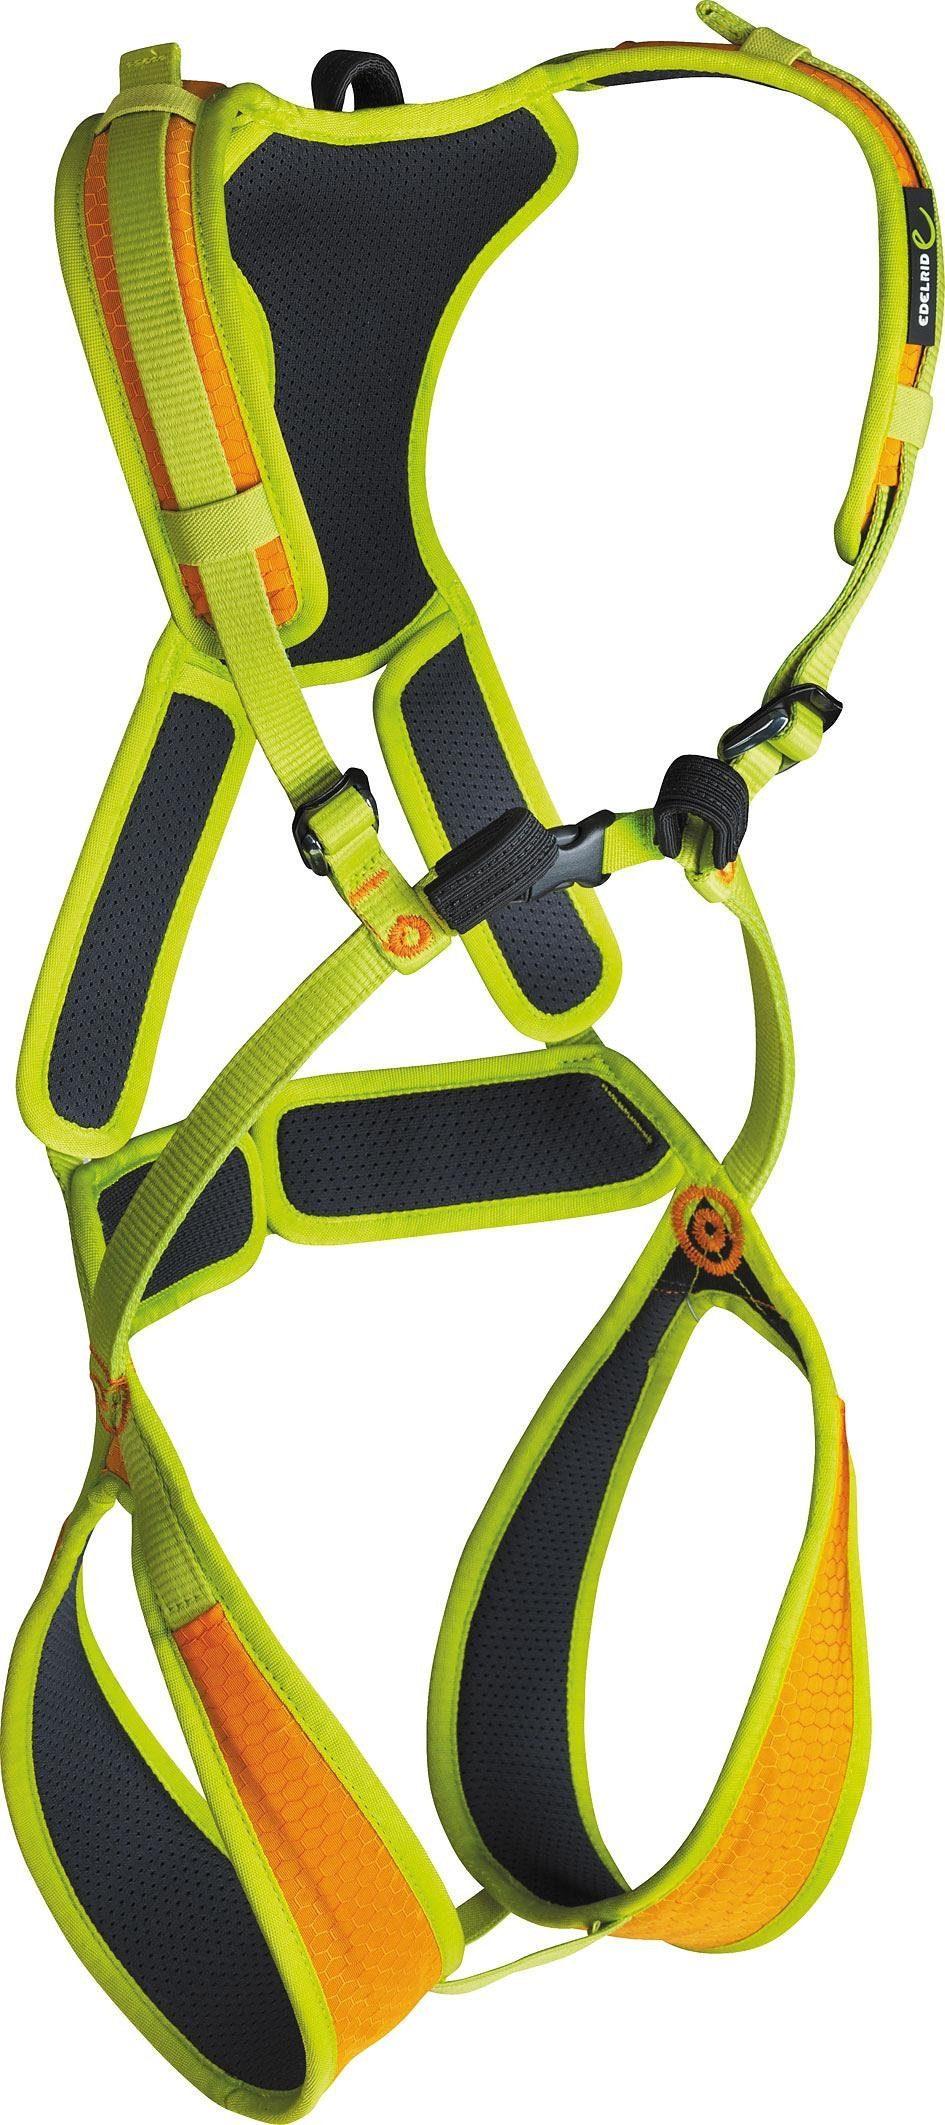 Edelrid Outdoor-Equipment »Fraggle II Harness Kids XS«